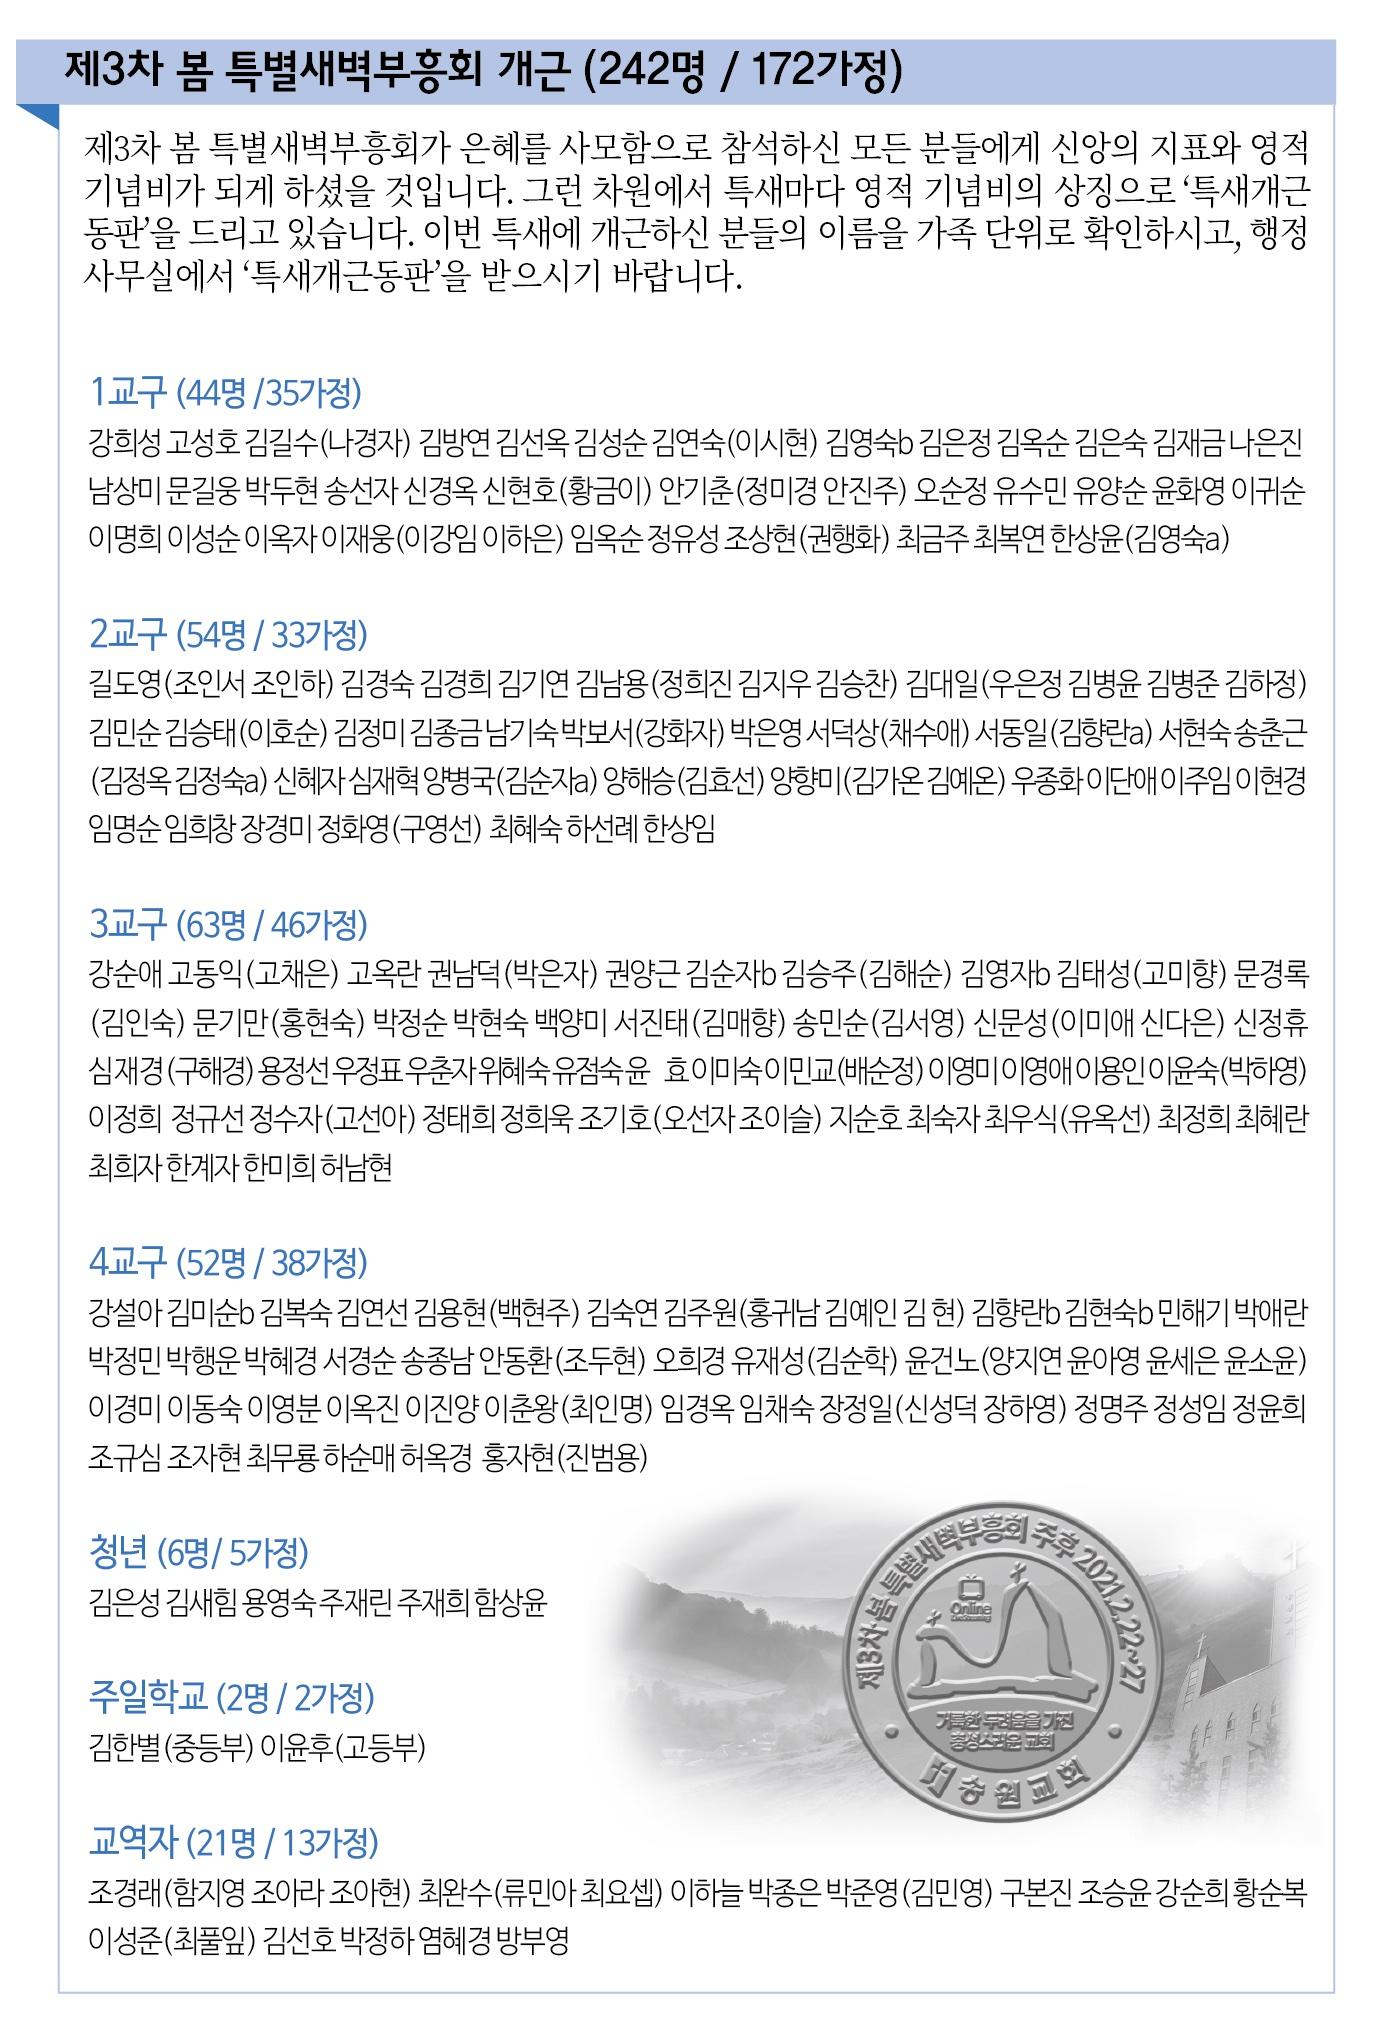 제3차 봄 특별새벽부흥회개근자(242명:172가정)_최종안.jpg